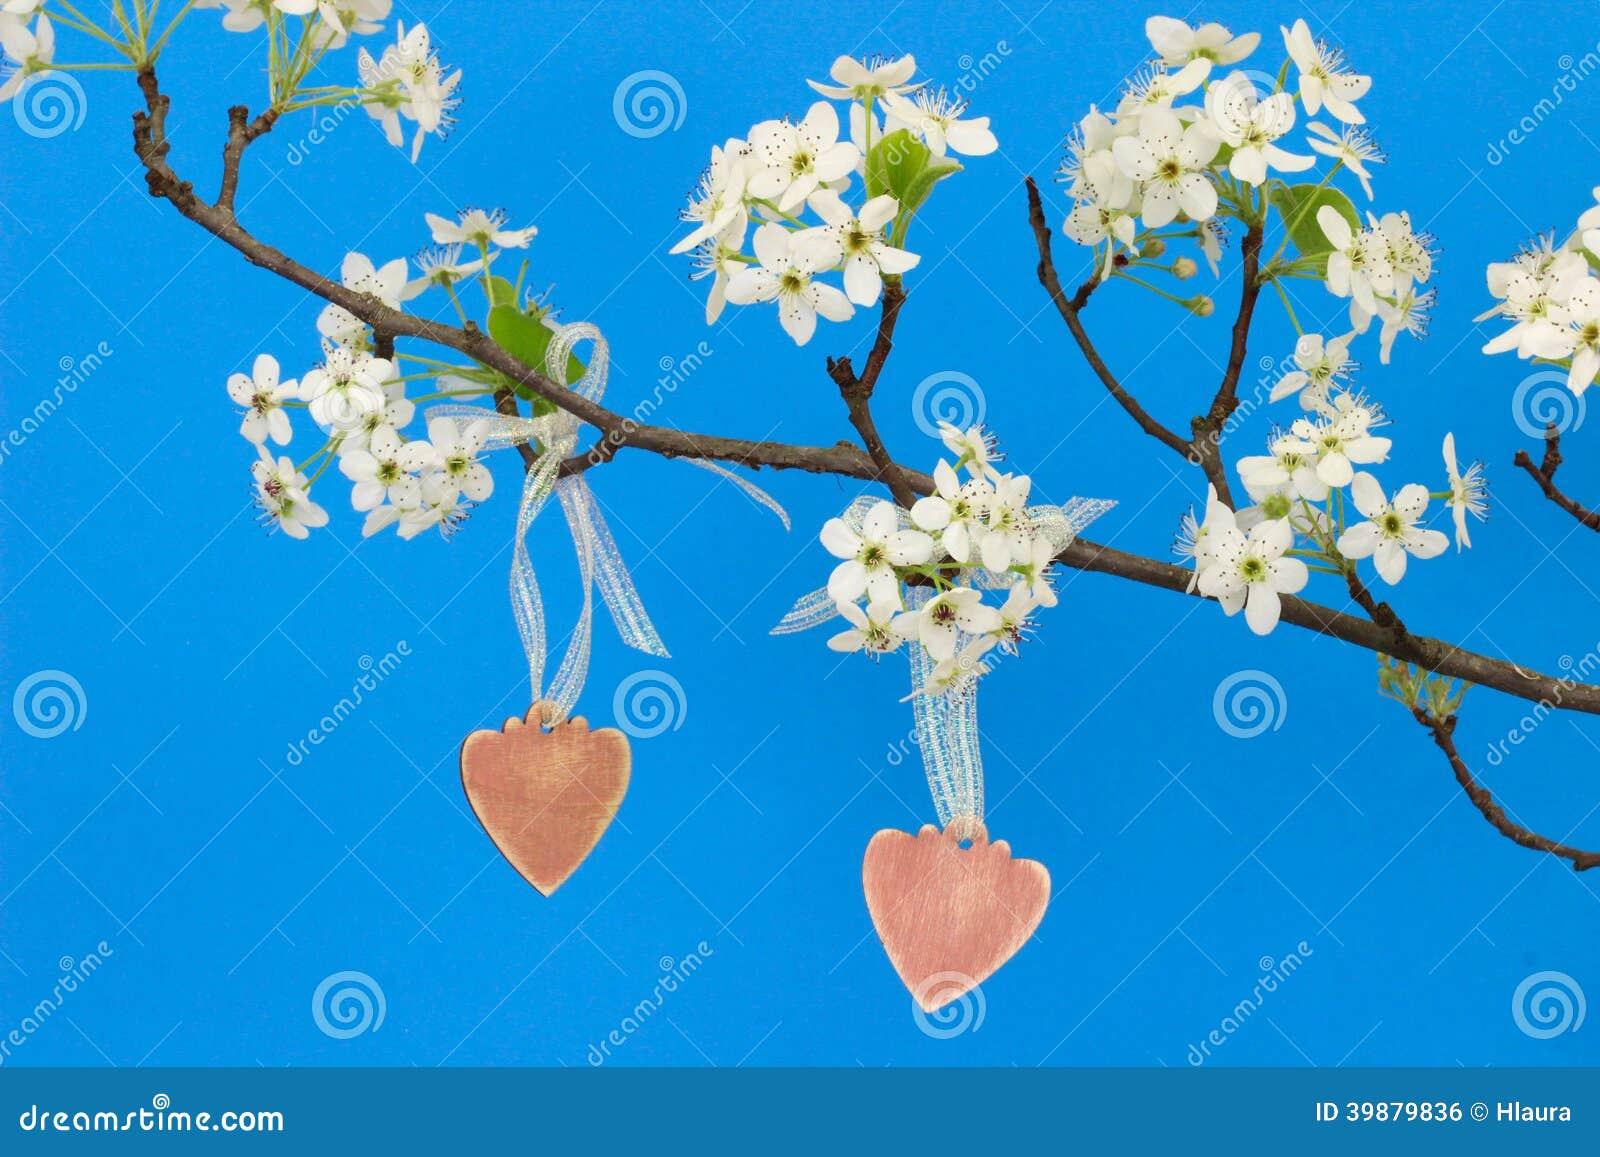 cuori di legno con fioru : Cuori di legno rosa che pendono dal ramo di pero con i fiori contro il ...